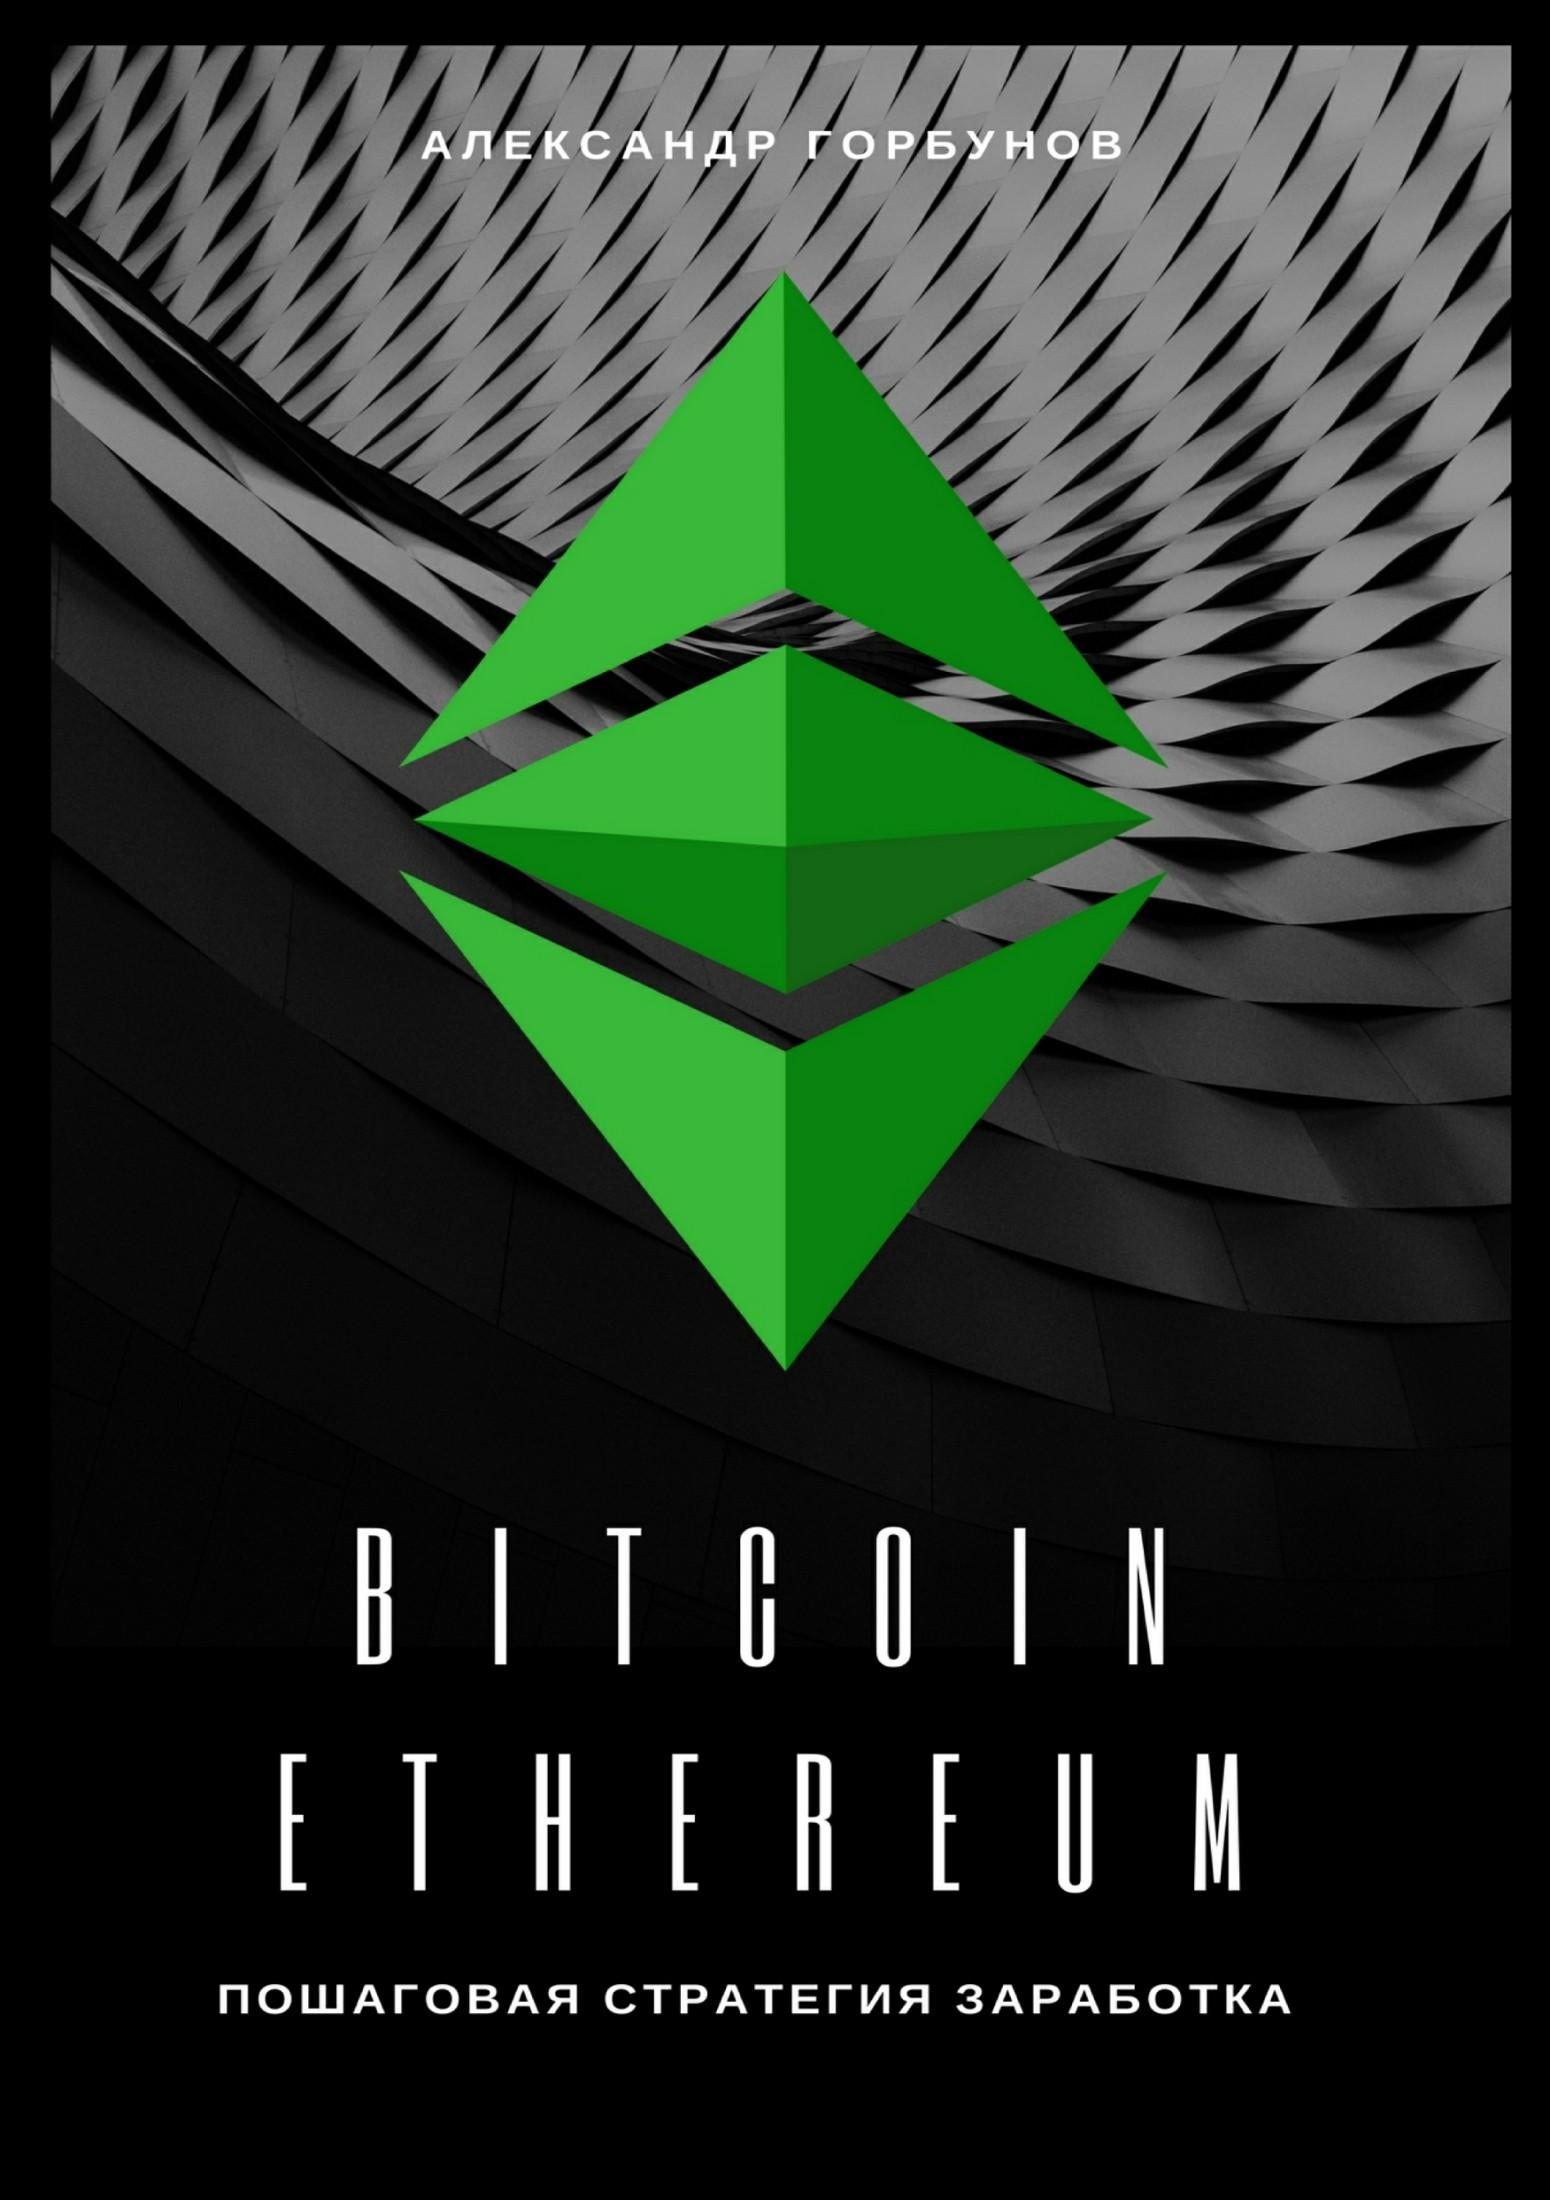 Александр Горбунов Bitcoin, Ethereum: пошаговая стратегия для заработка как и где купить микроавтобус